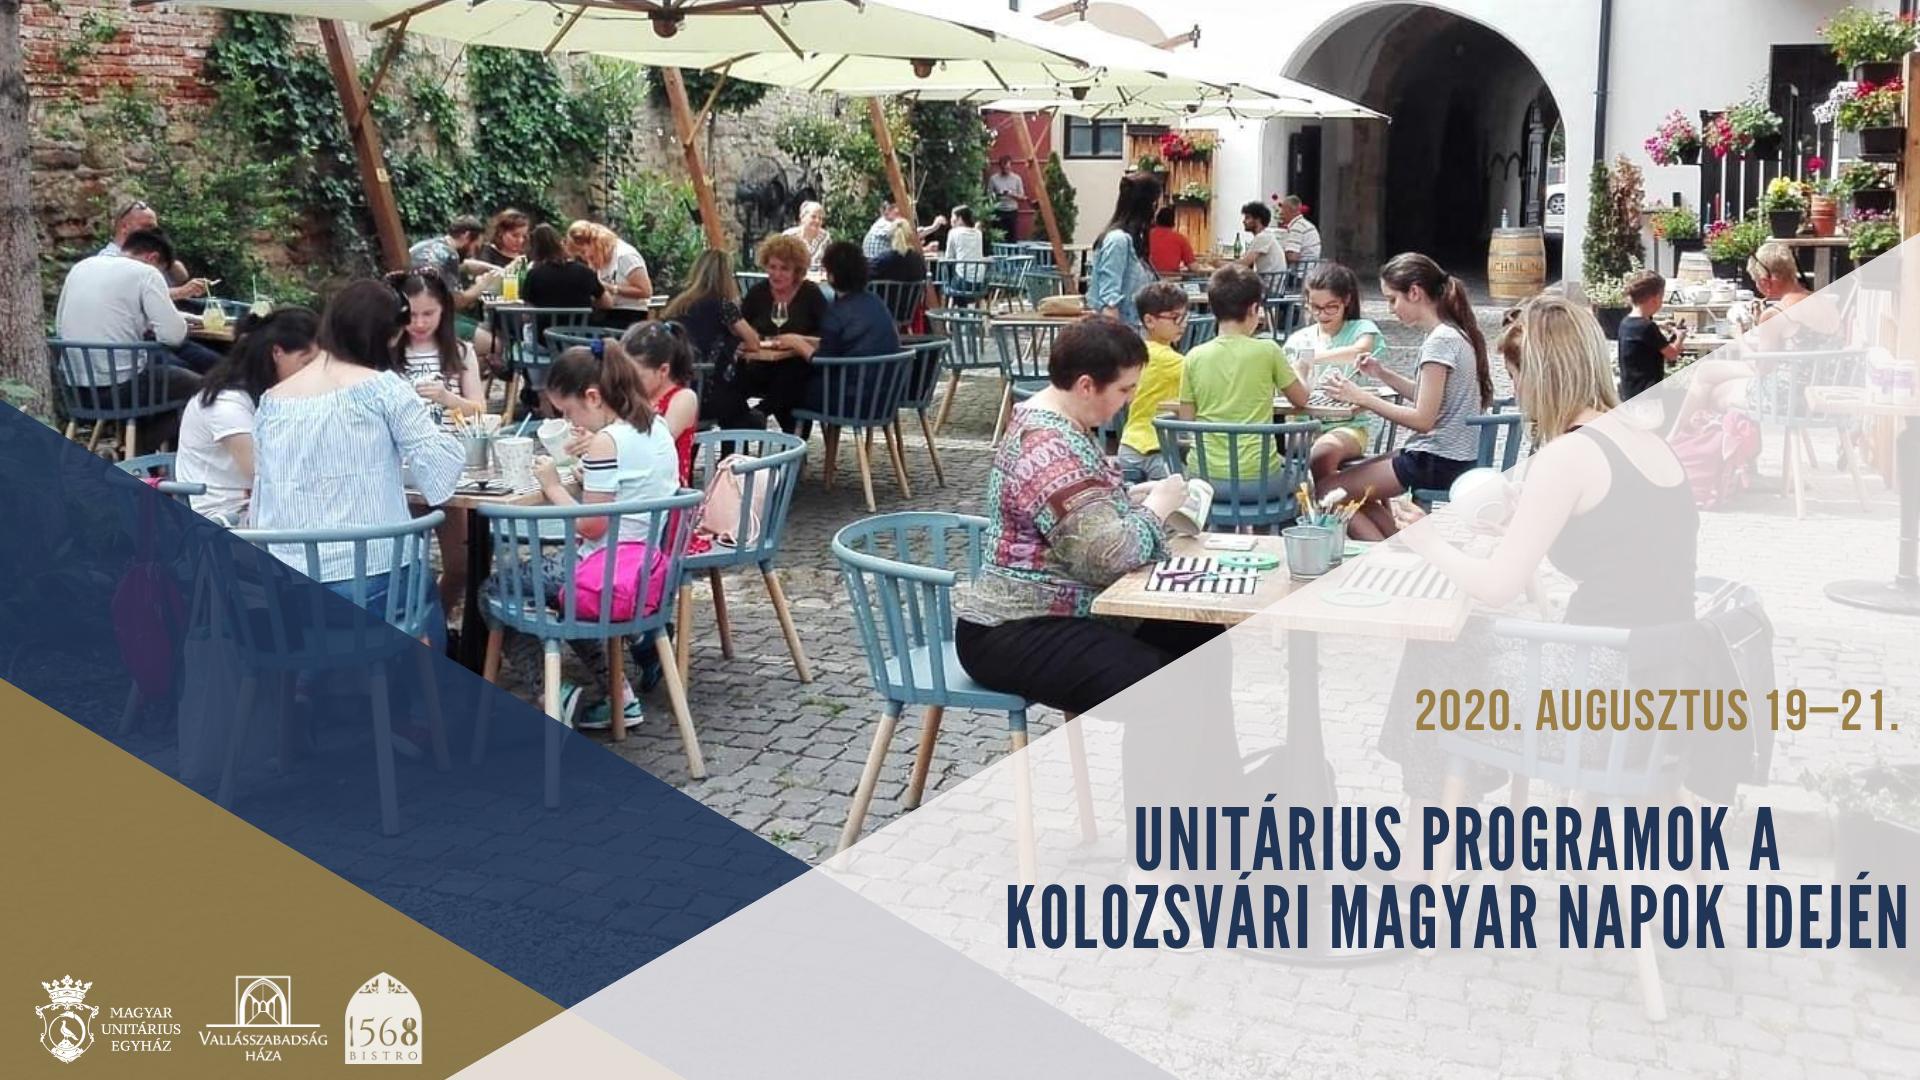 Unitárius programok a Kolozsvári Magyar Napok idején